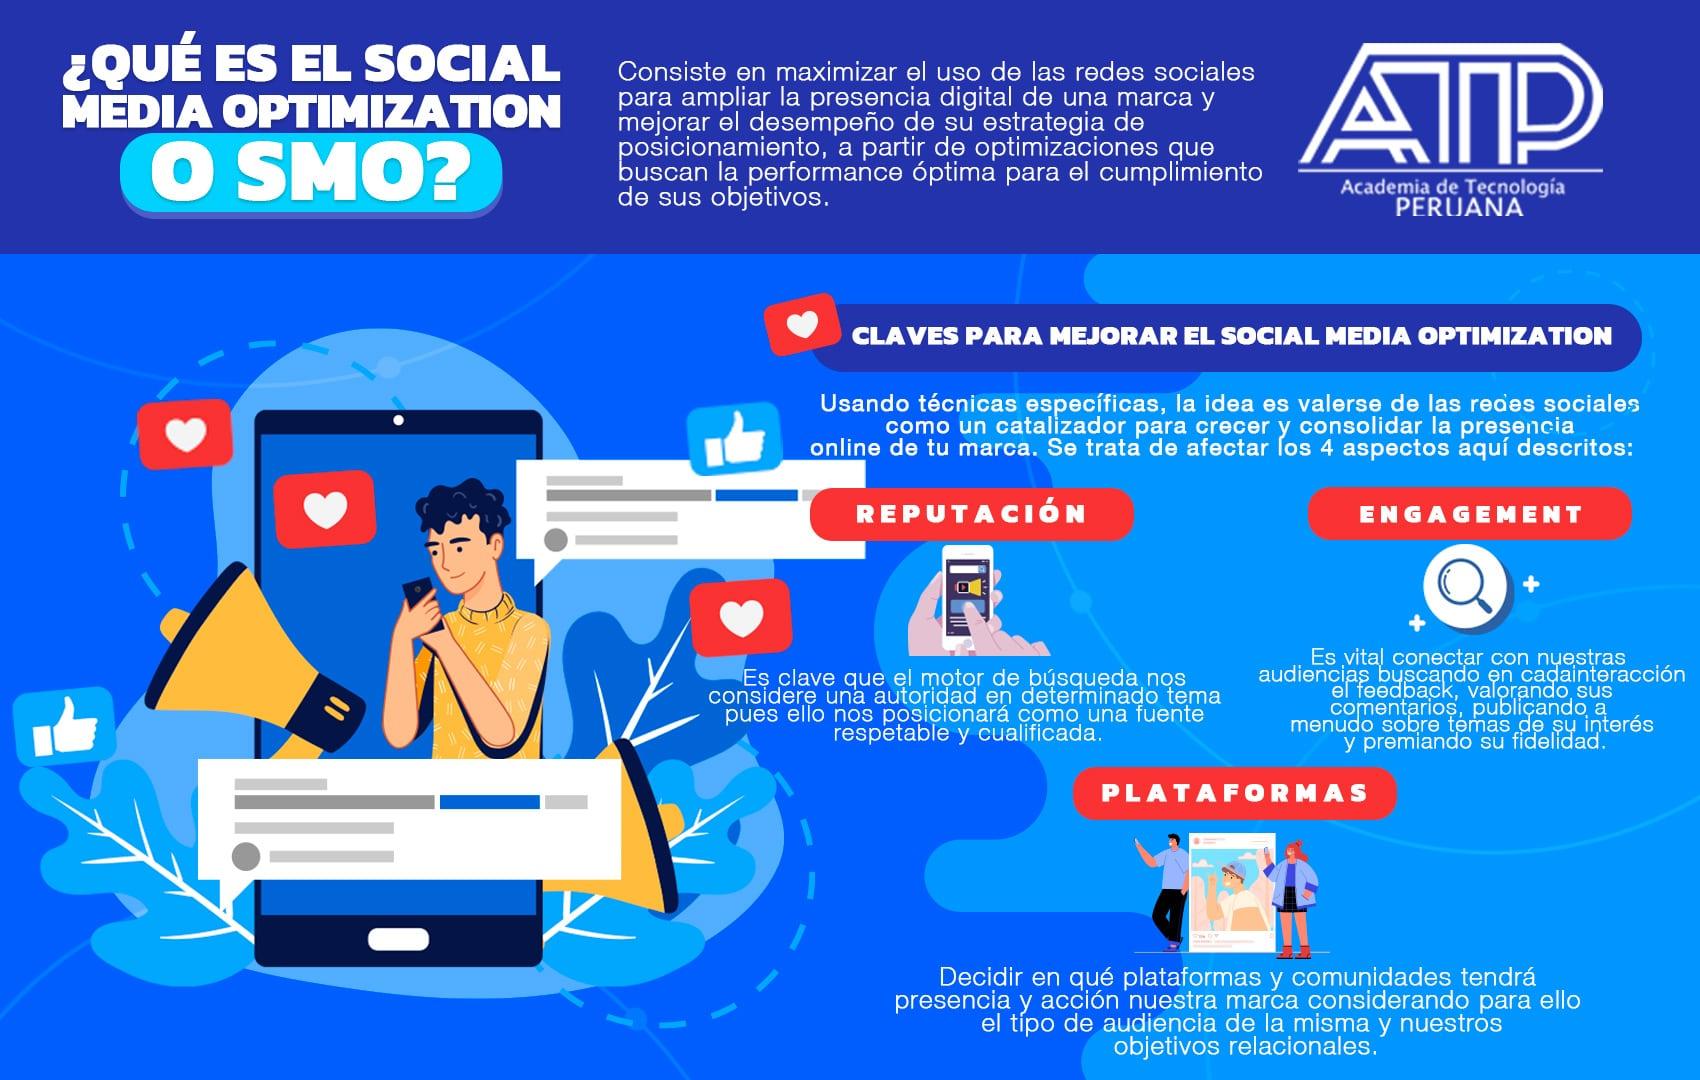 ¿Sabes cómo posicionar tu mensaje de marca en Redes Sociales?